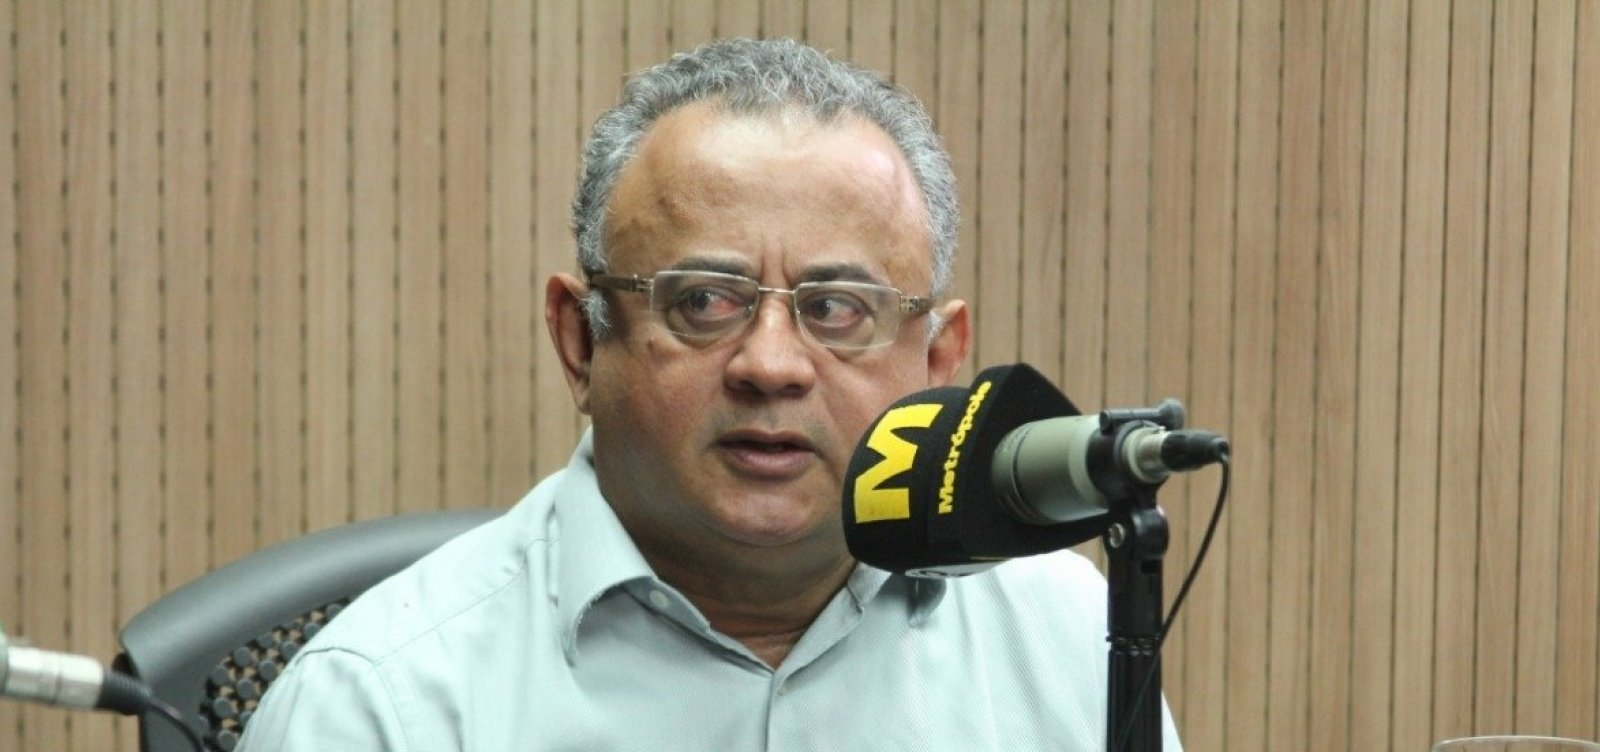 ['Construção civil retrocedeu 10 anos e crise é maior na Bahia', diz presidente de sindicato]